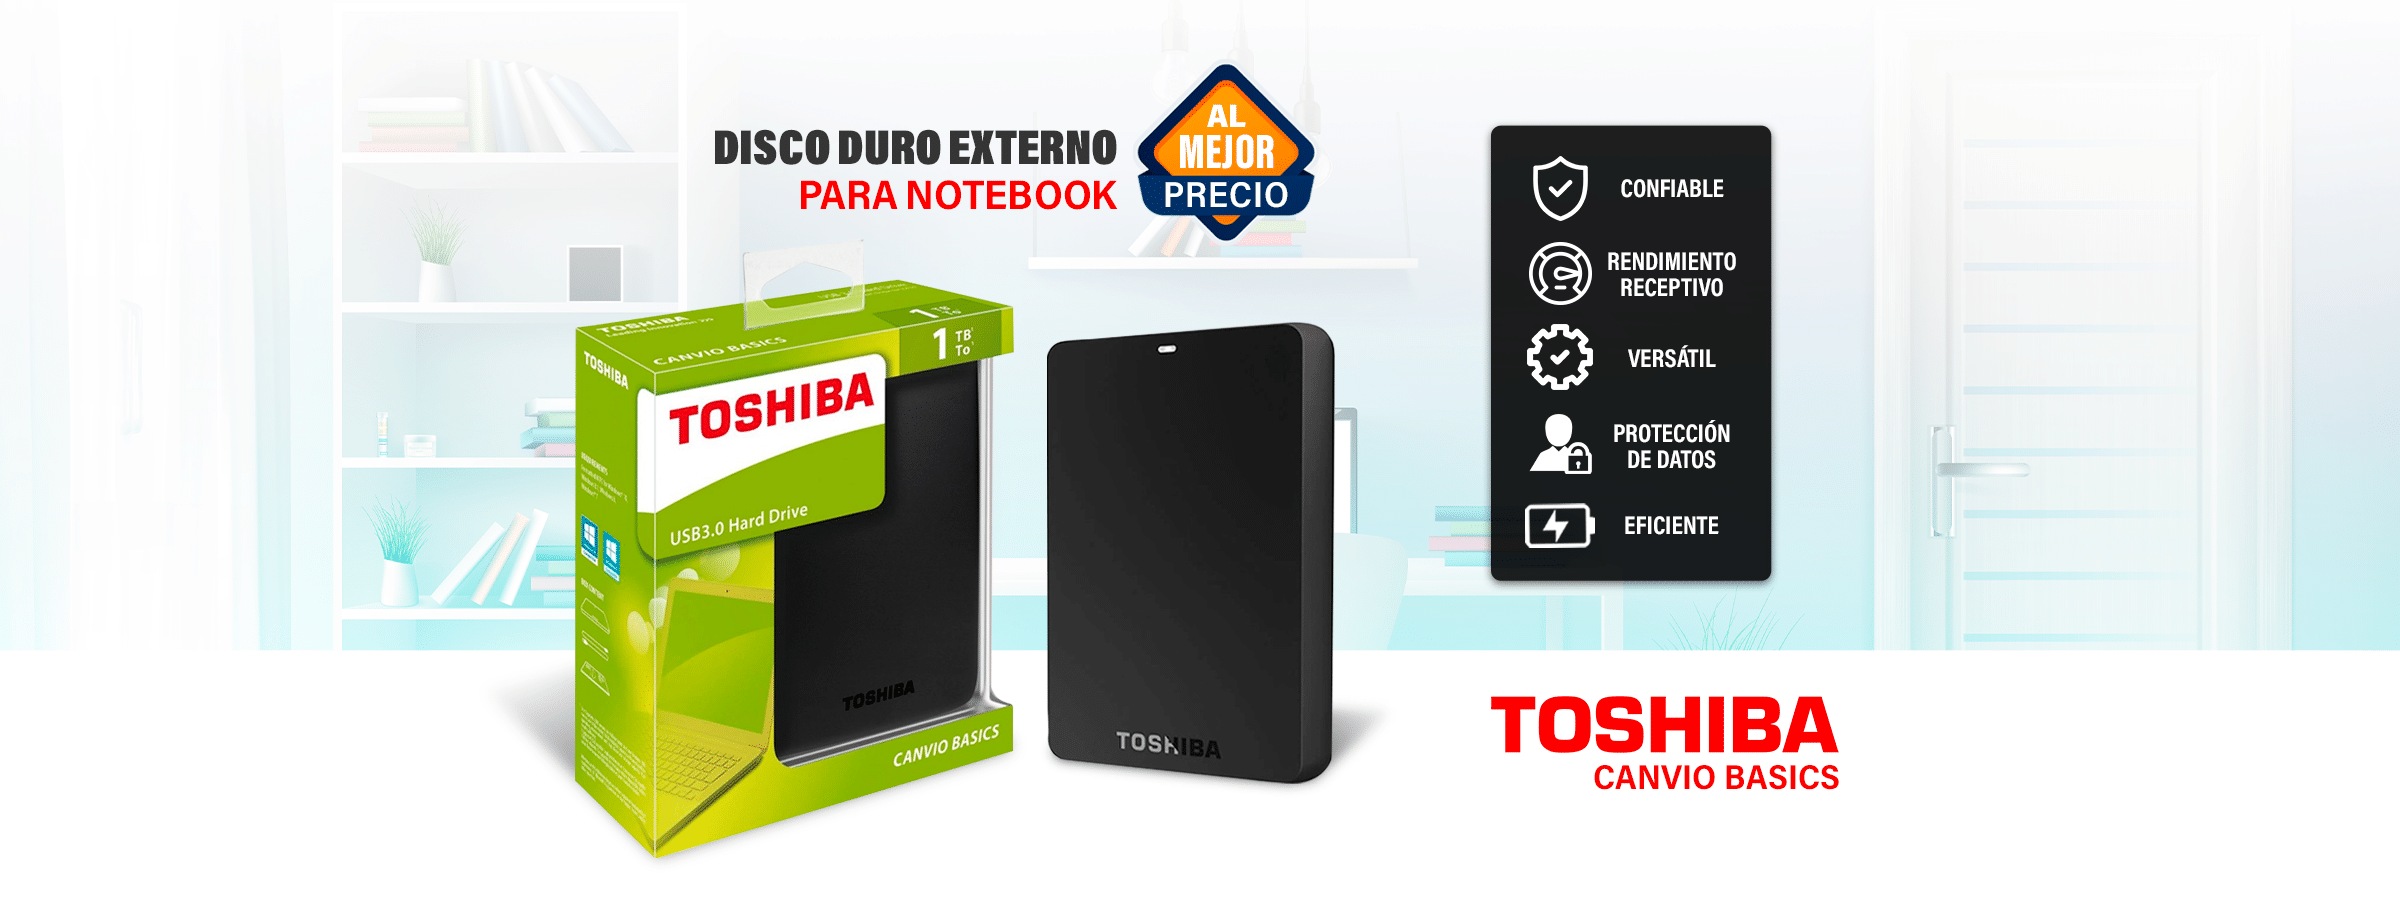 Home - BANNER TOSHIBA 1TB EXTERNO - R&M Portátiles